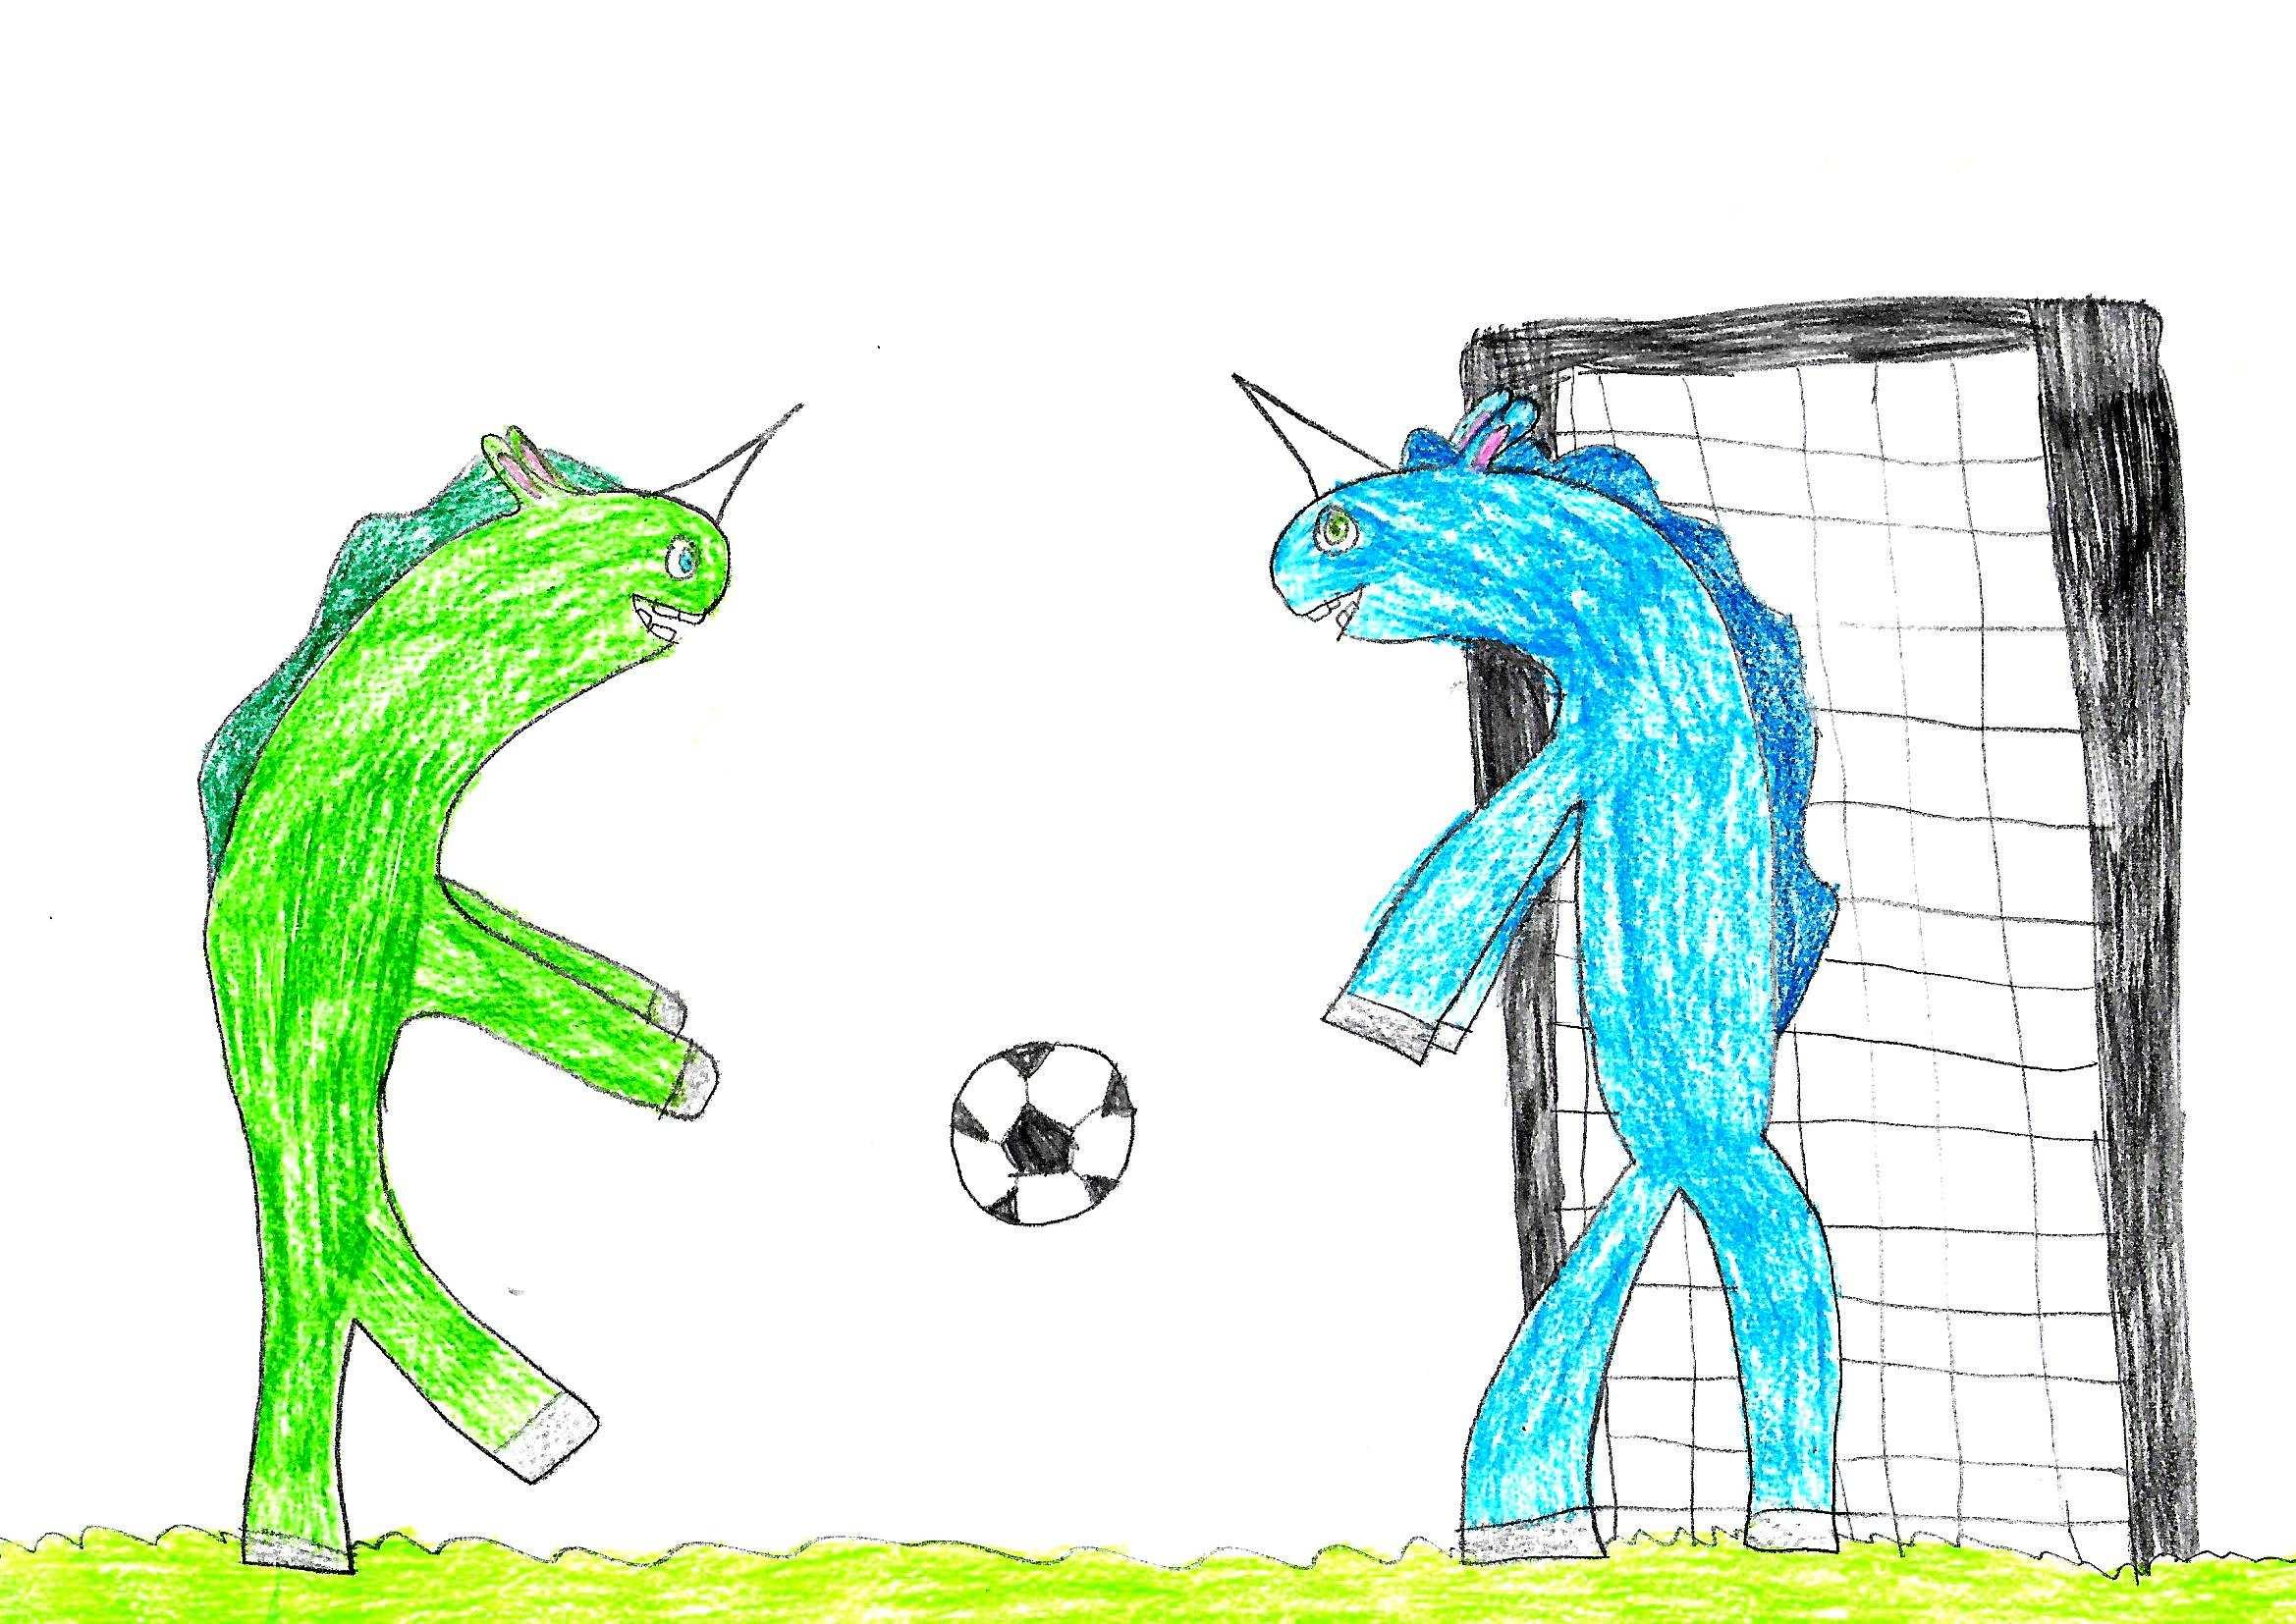 Disegni Bambini Unicorni Che Giocano A Calcio